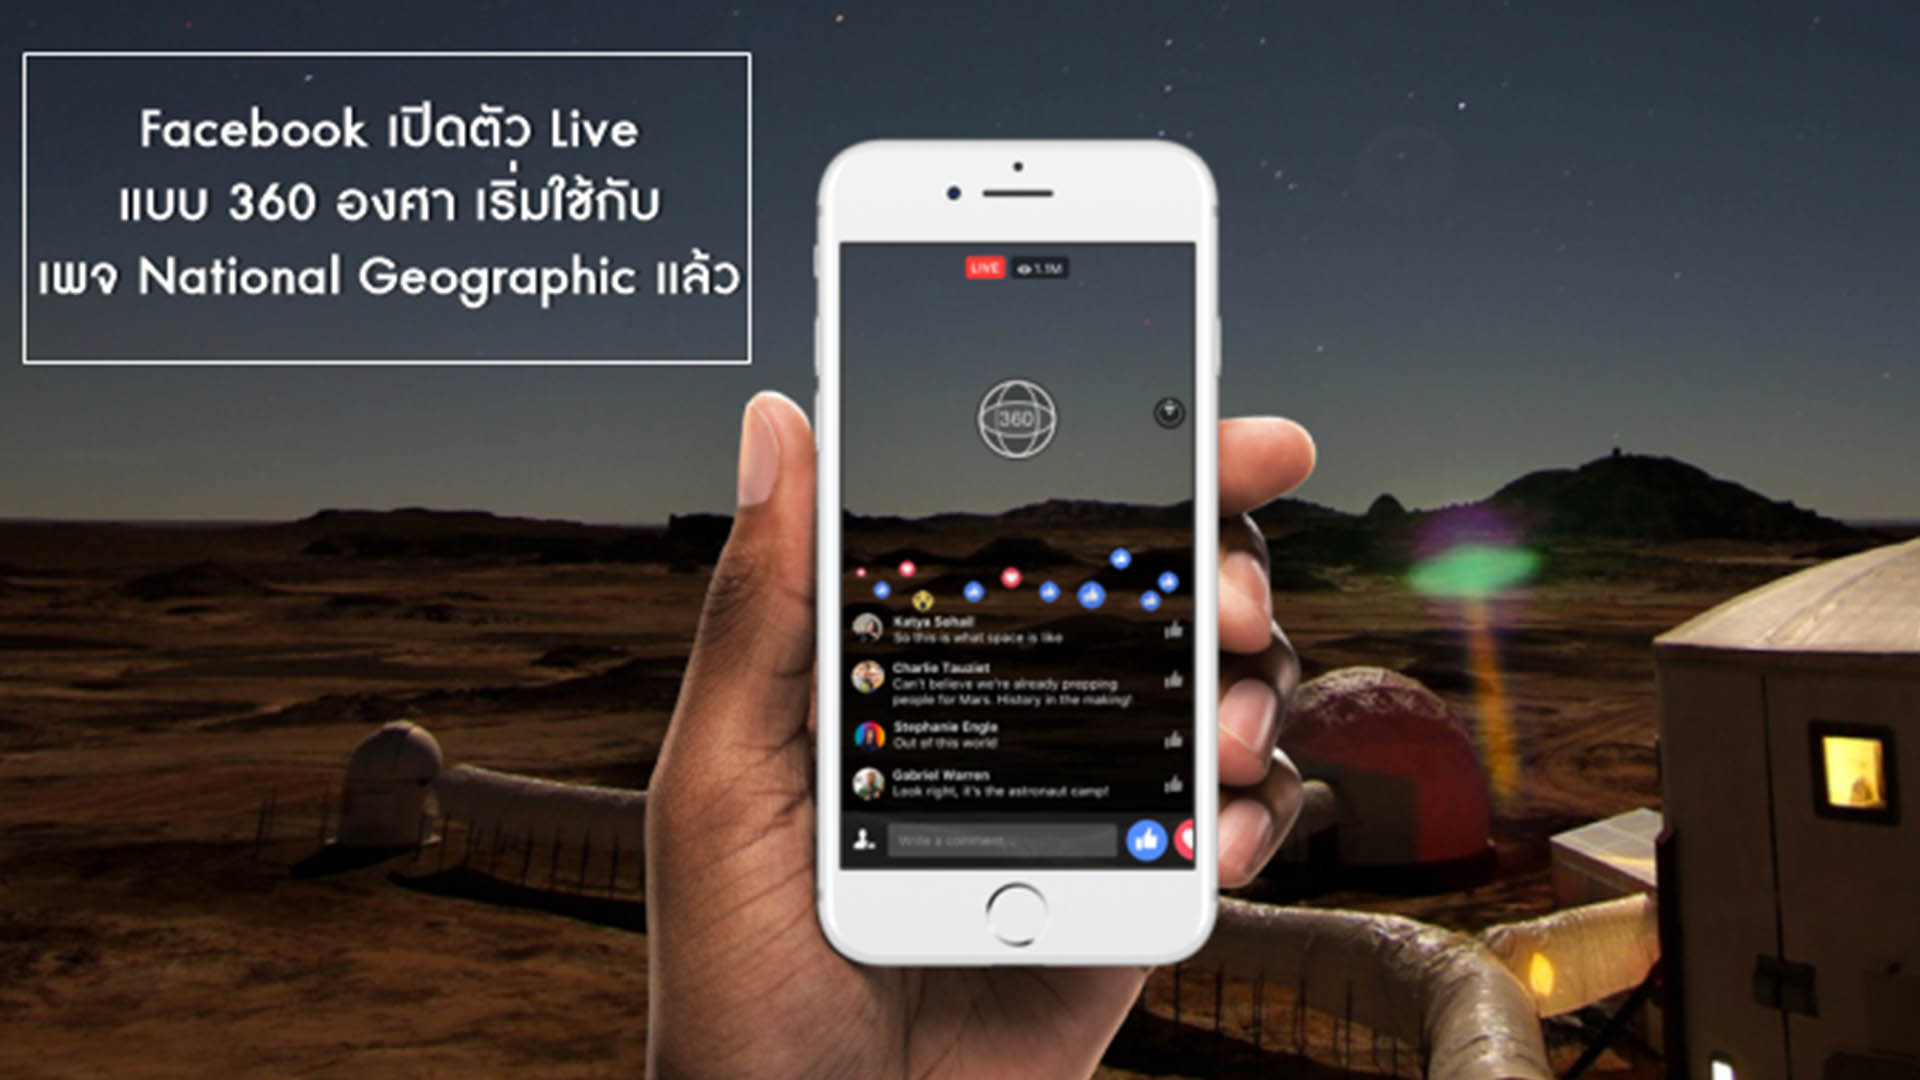 มาแล้ว! Facebook เปิดตัว Live แบบ 360 องศา บนหน้าเพจ